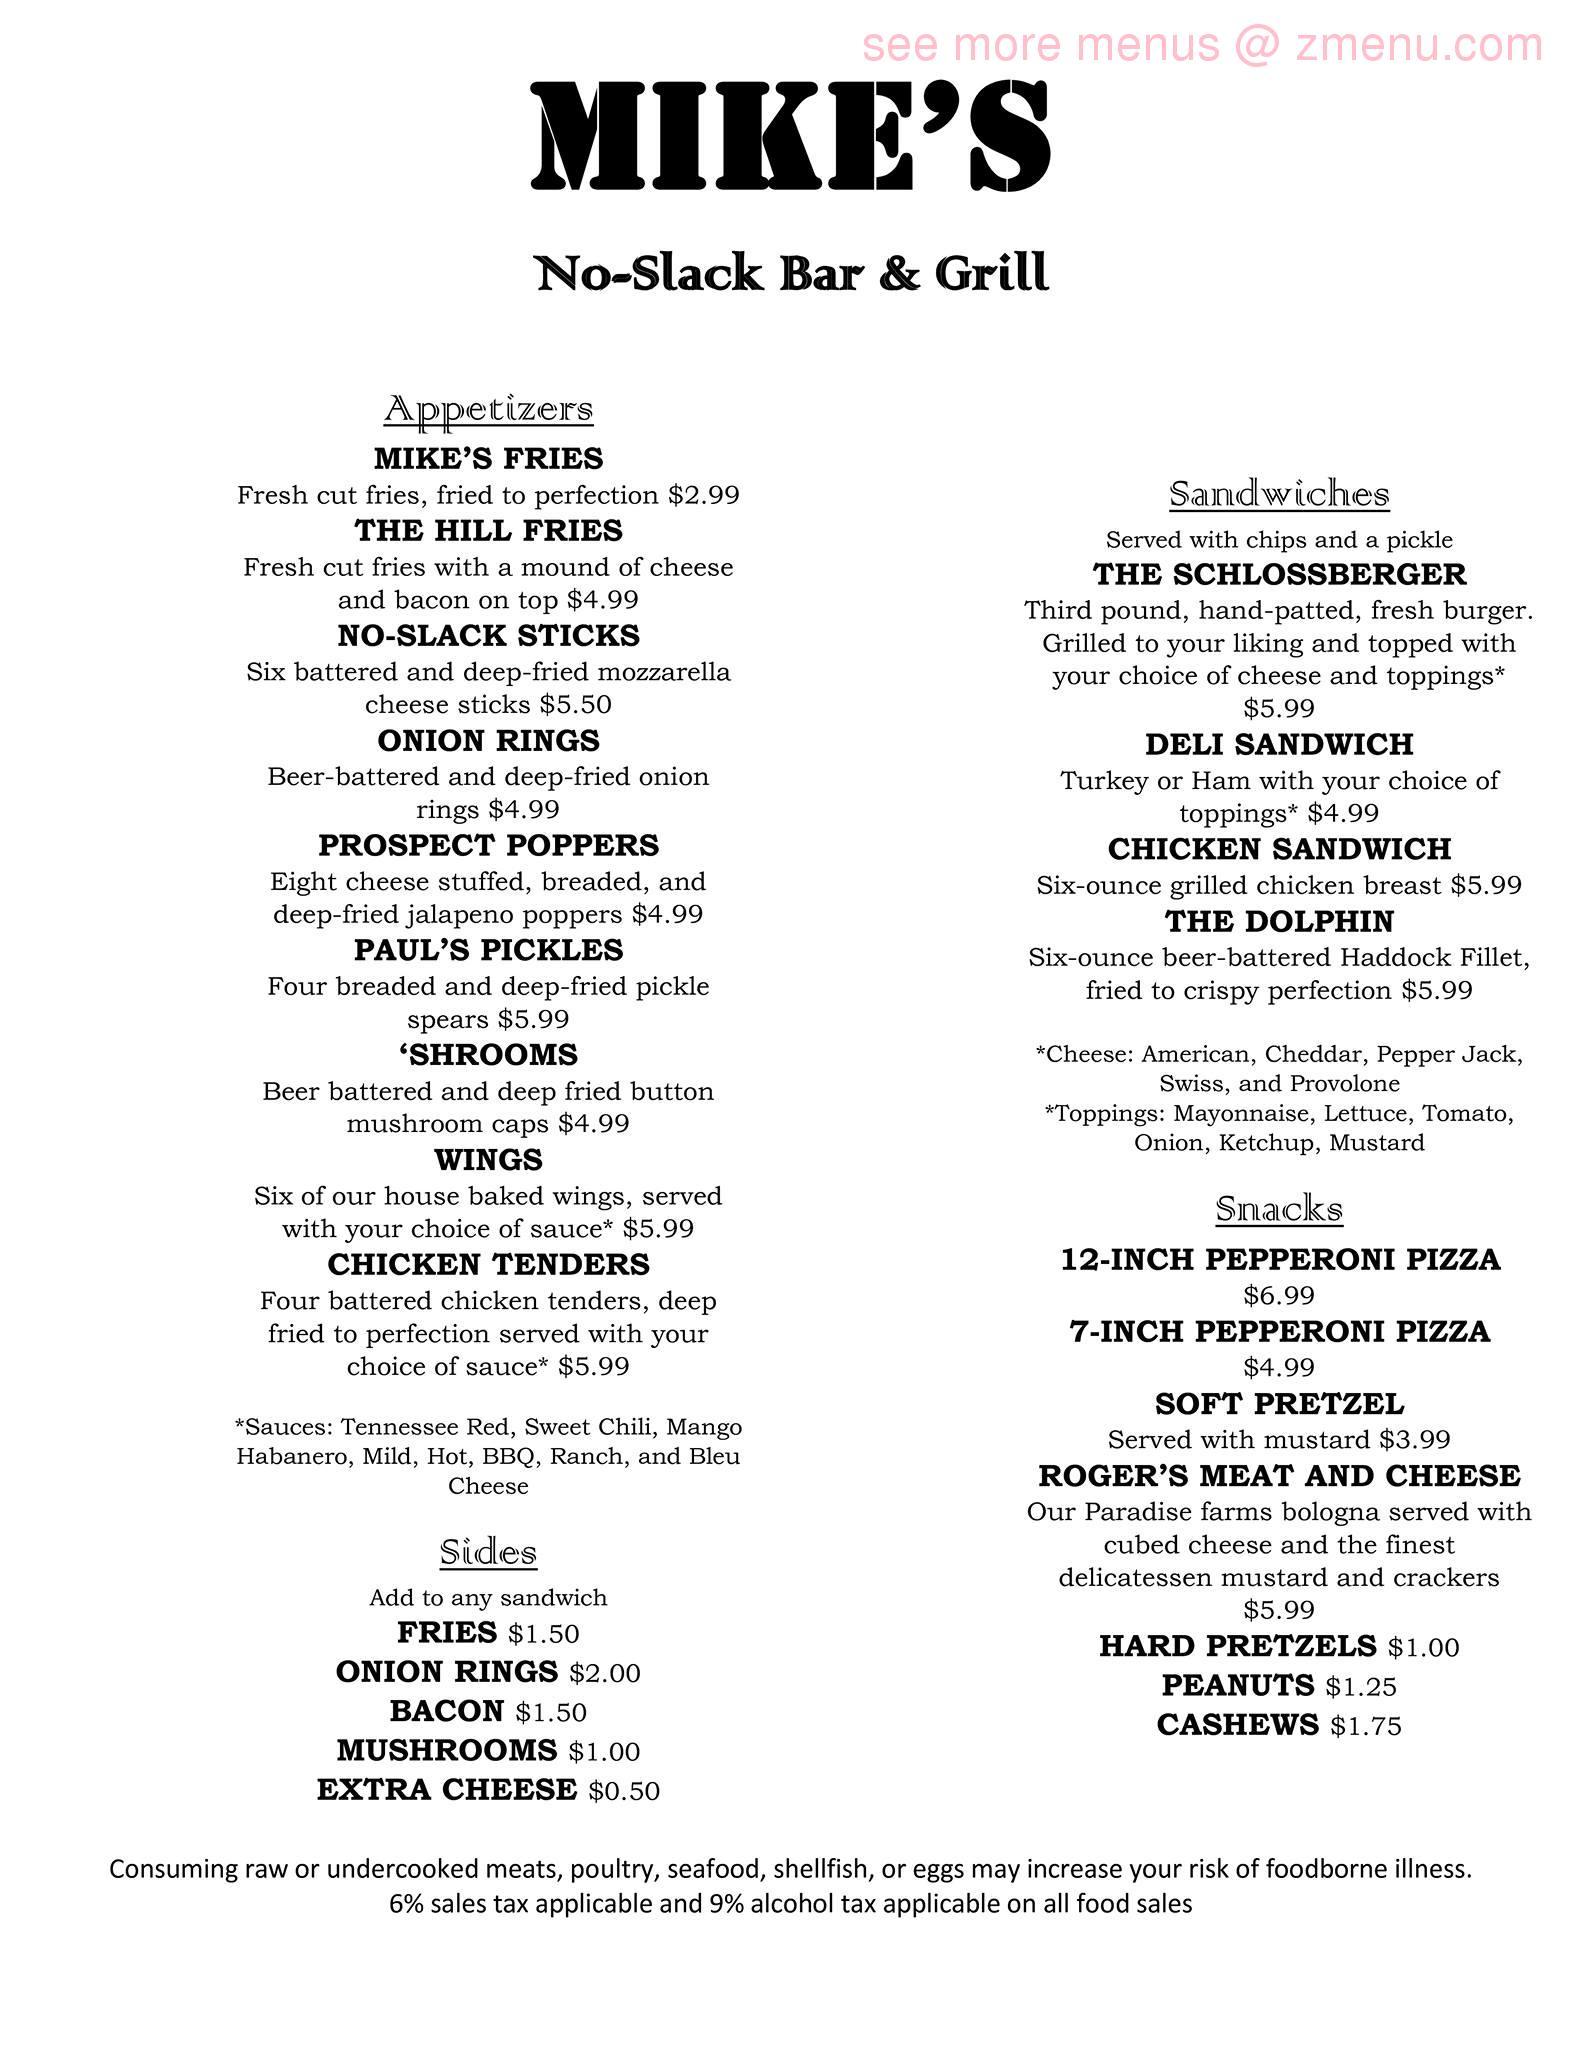 Online Menu Of Mikes Tavern Restaurant Hagerstown Maryland 21740 Zmenu